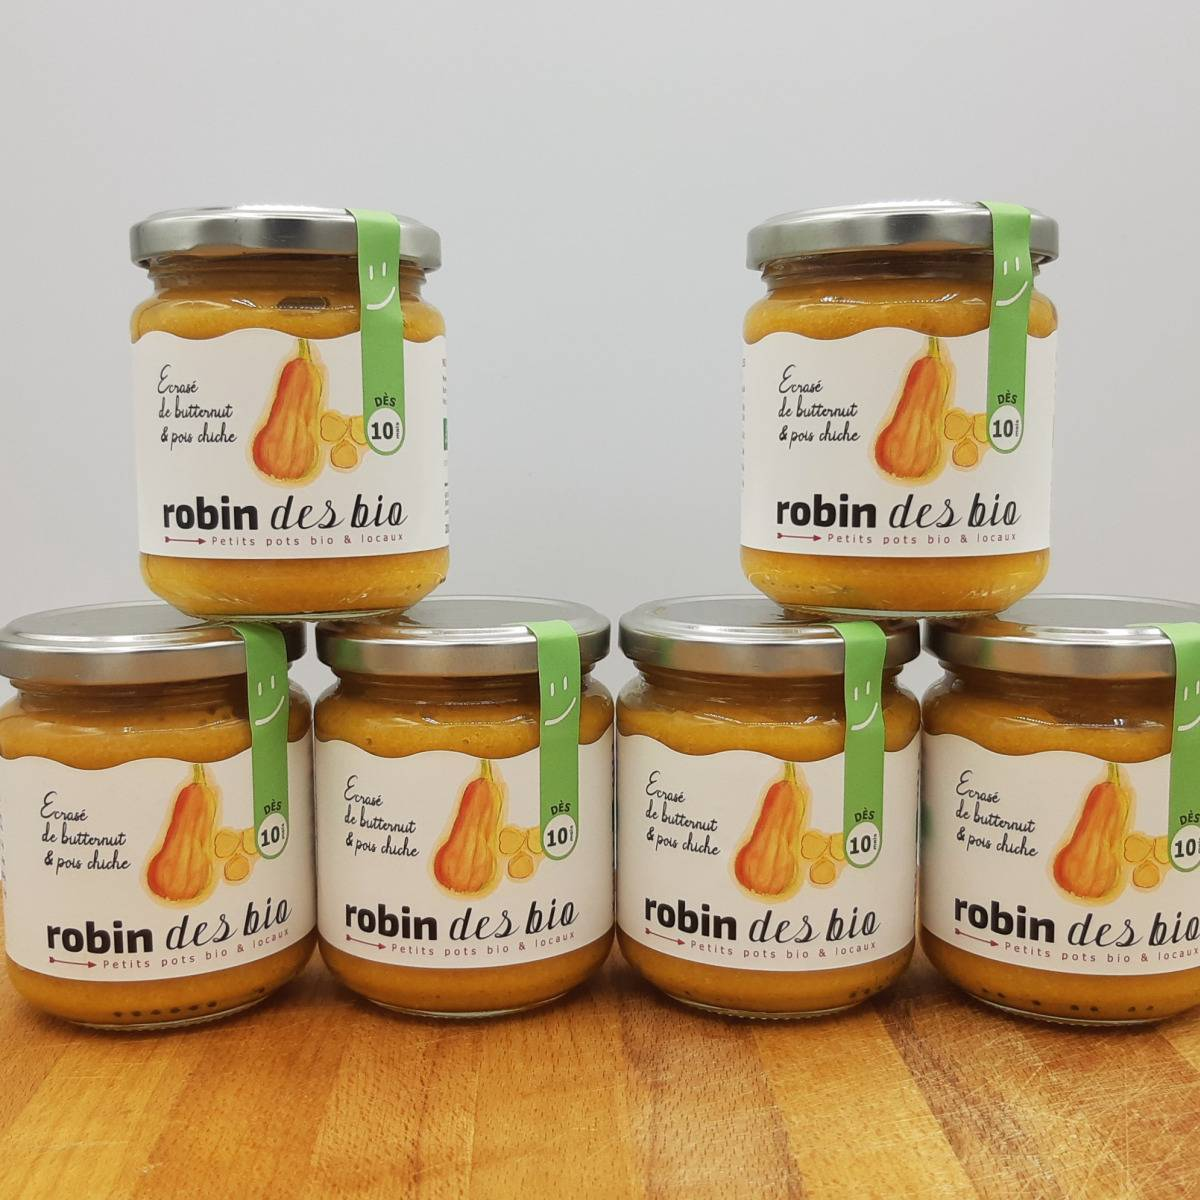 Robin des Bio Petit pot bébé Bio et Locaux - 6x Écrasé de Butternut Pois Chiche (dès 10 mois)